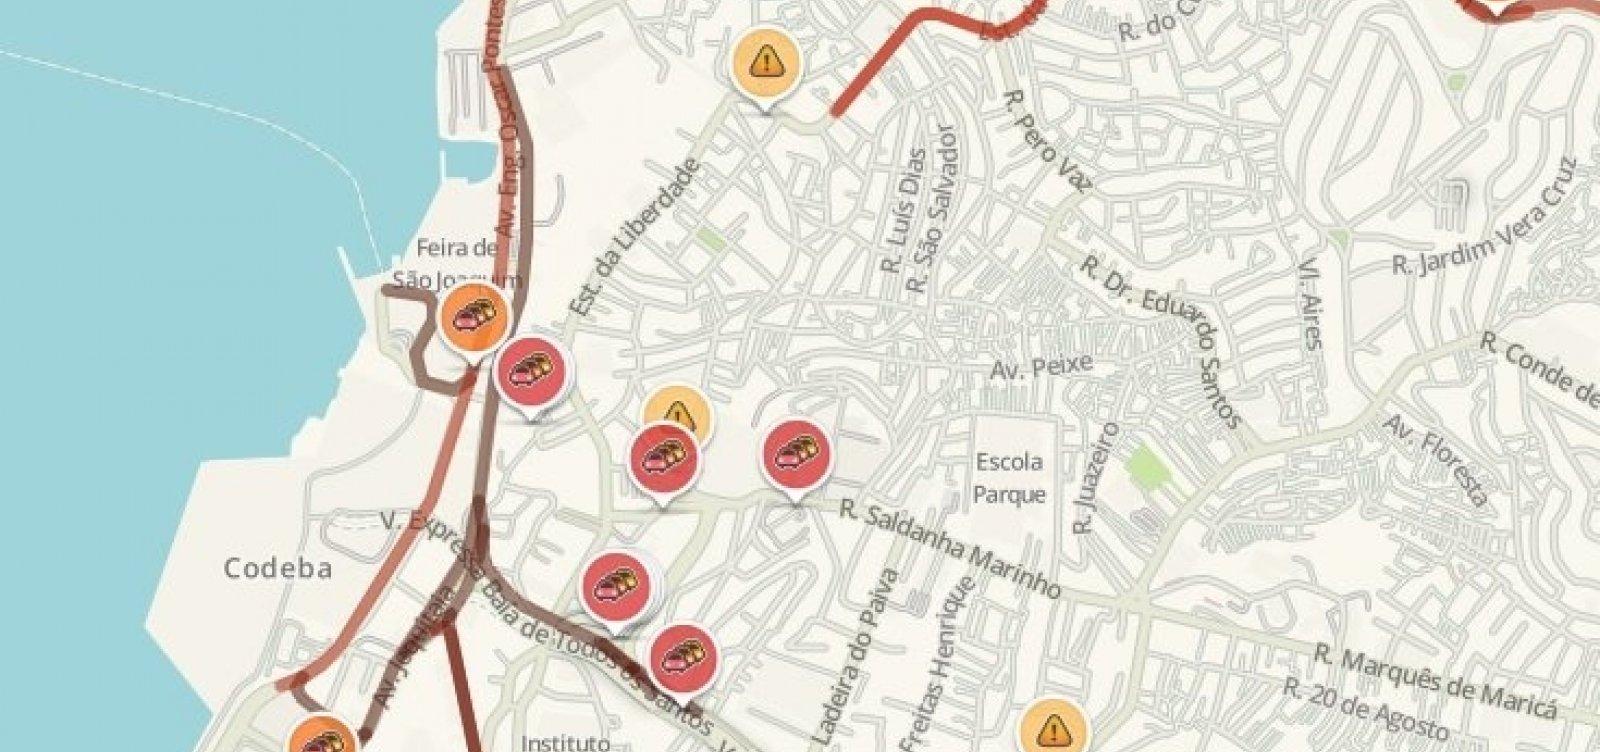 Véspera de feriadão deixa trânsito lento em pontos estratégicos da cidade